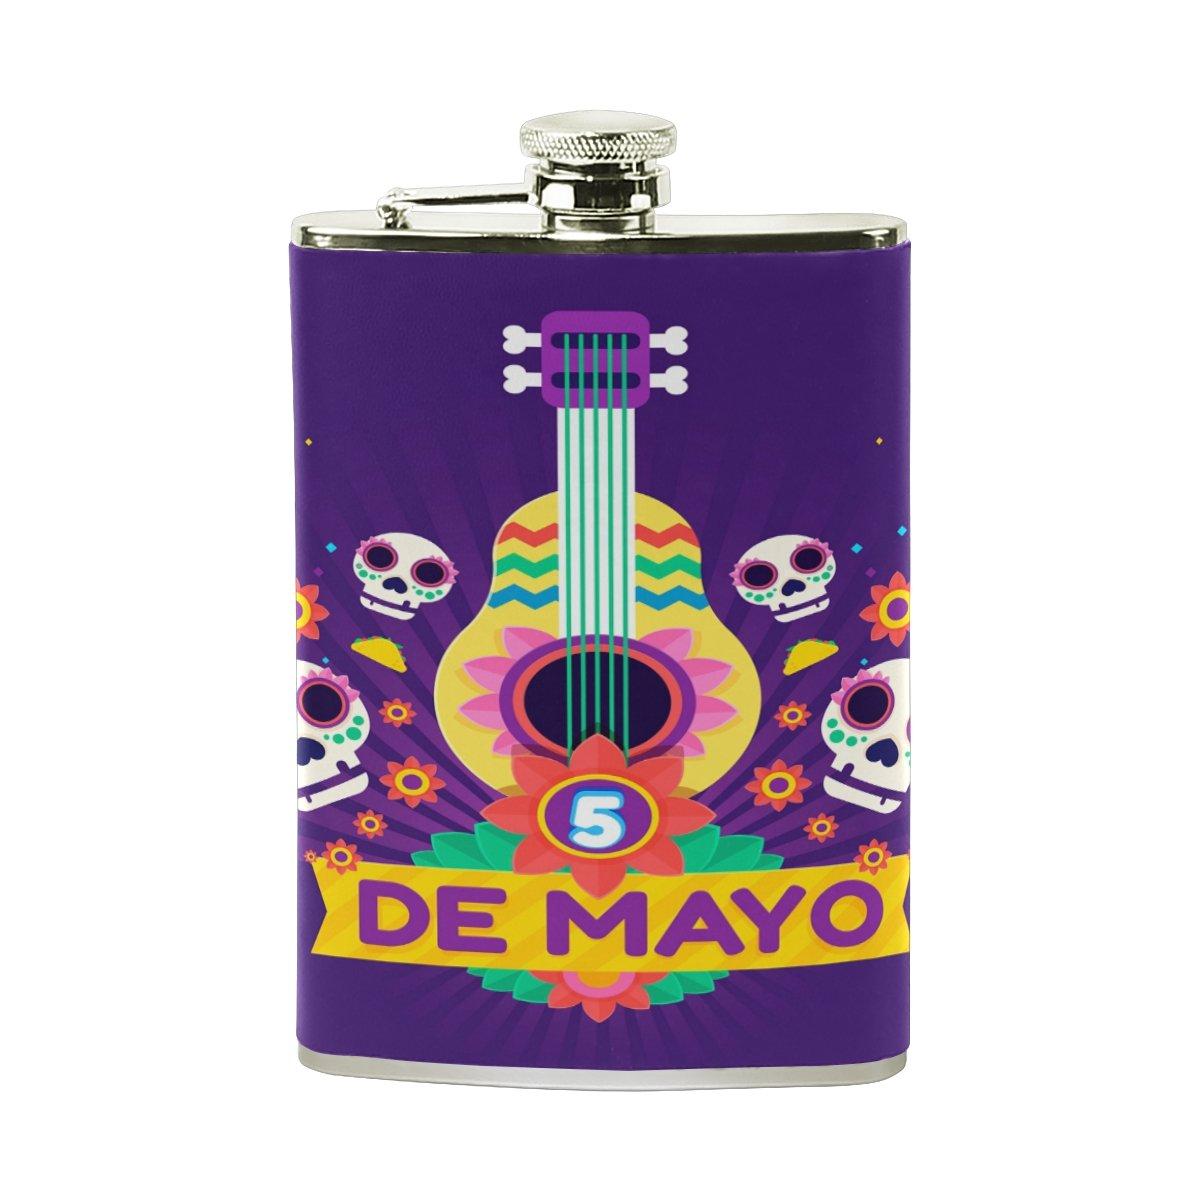 驚きの値段で シュガースカル音楽ヒップフラスコステンレススチールポケットボトルセットレザー男性女性Wrapped (H*L) Drinking Liquor Shot Drinking 15.6cm B07FTNSSZS*9.6cm (H*L) FENNEN-10 Select Color 1 B07FTNSSZS, アラカワムラ:edea8874 --- a0267596.xsph.ru